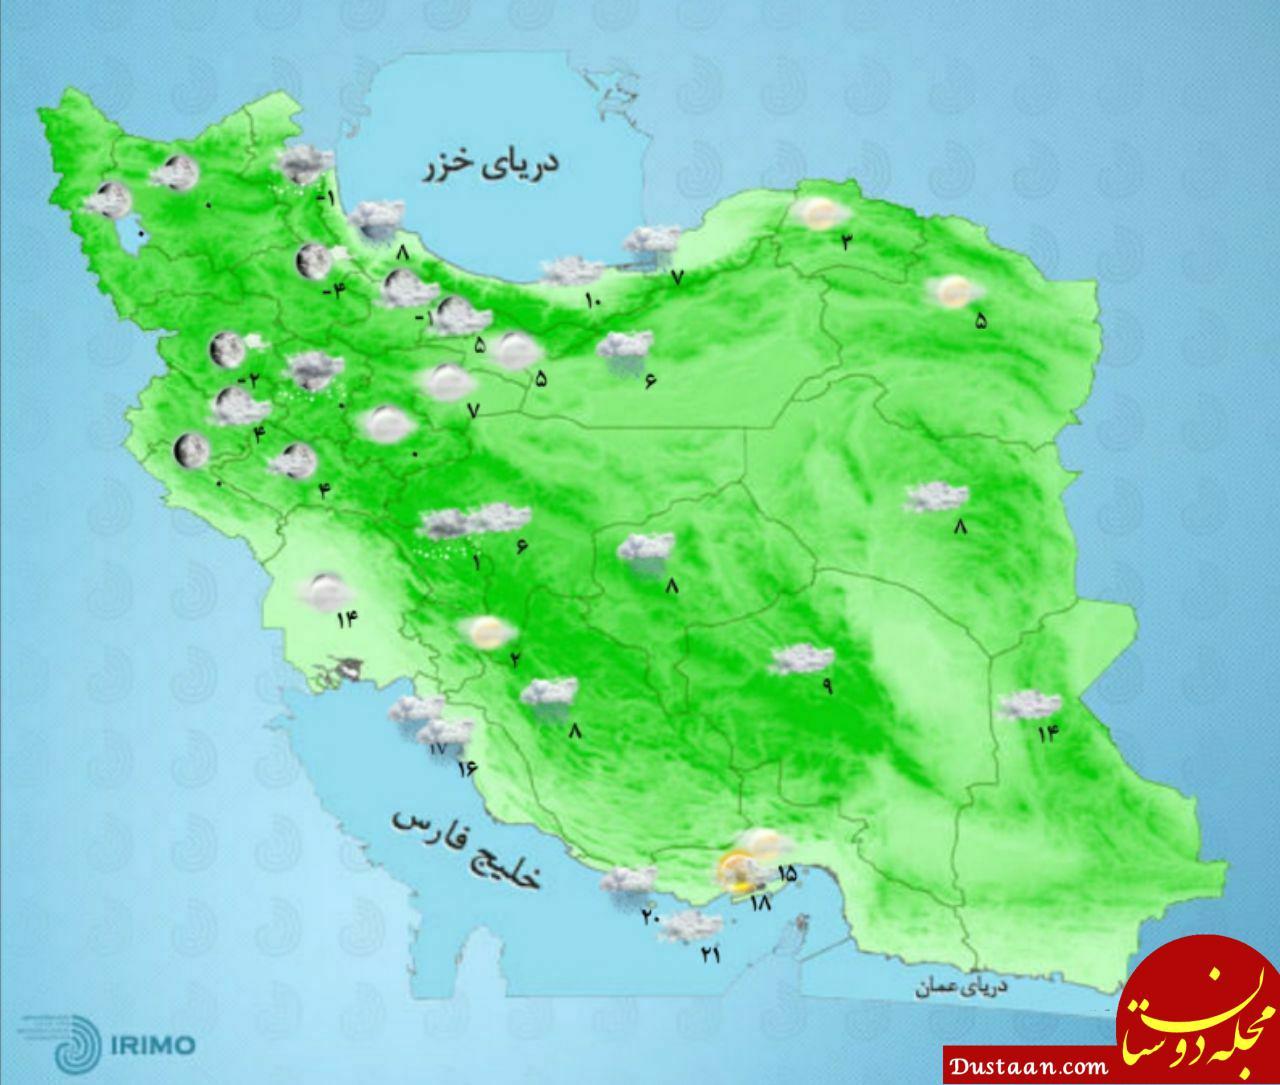 www.dustaan.com پیش بینی وضعیت آب و هوای استان های کشور /22 بهمن